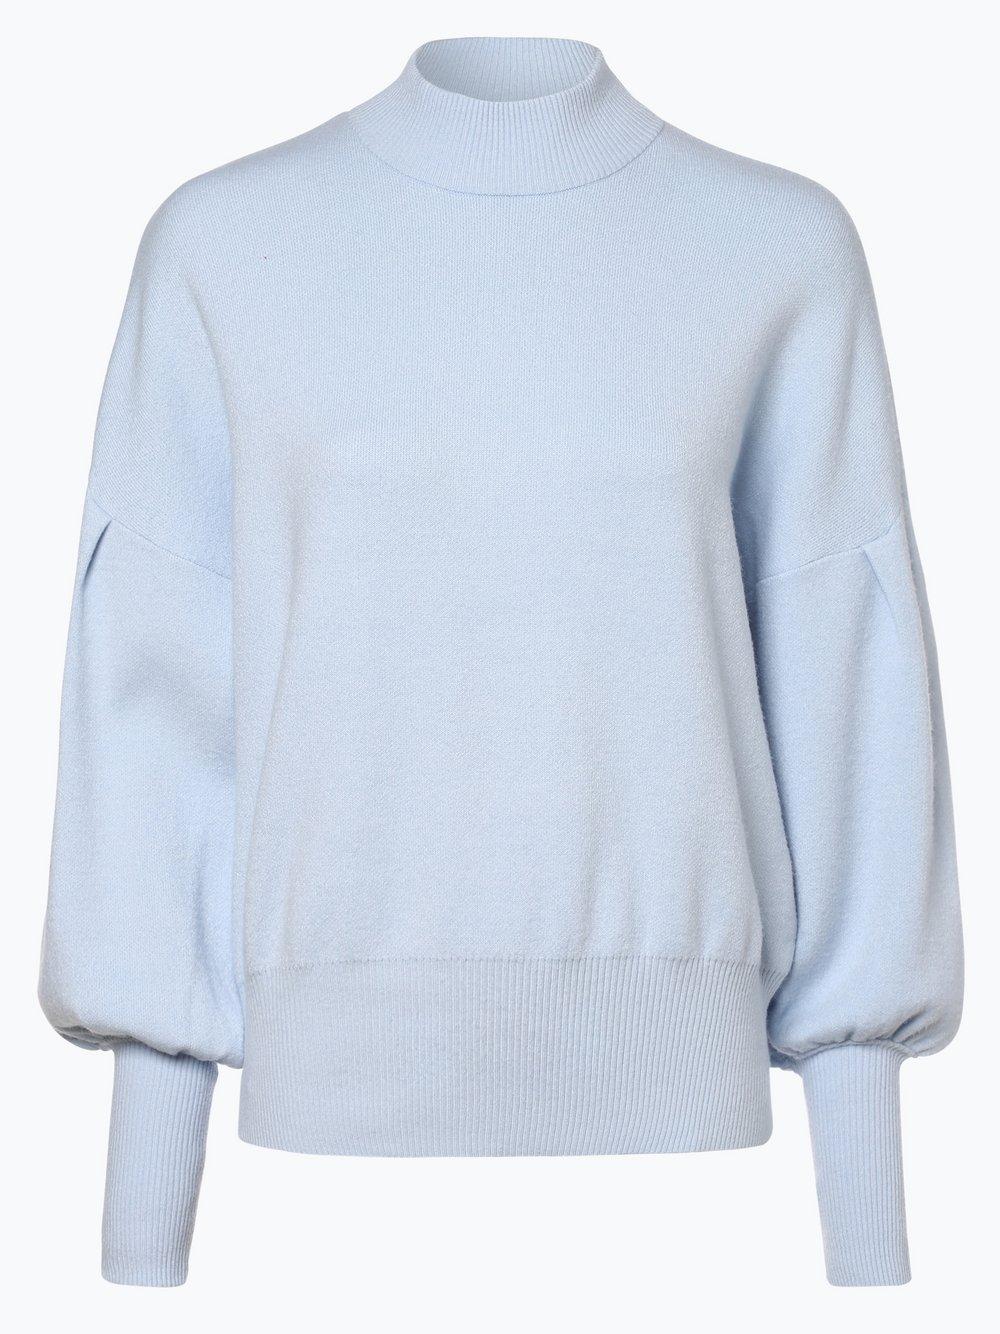 Hellblaue Damenpullover günstig online kaufen | LadenZeile